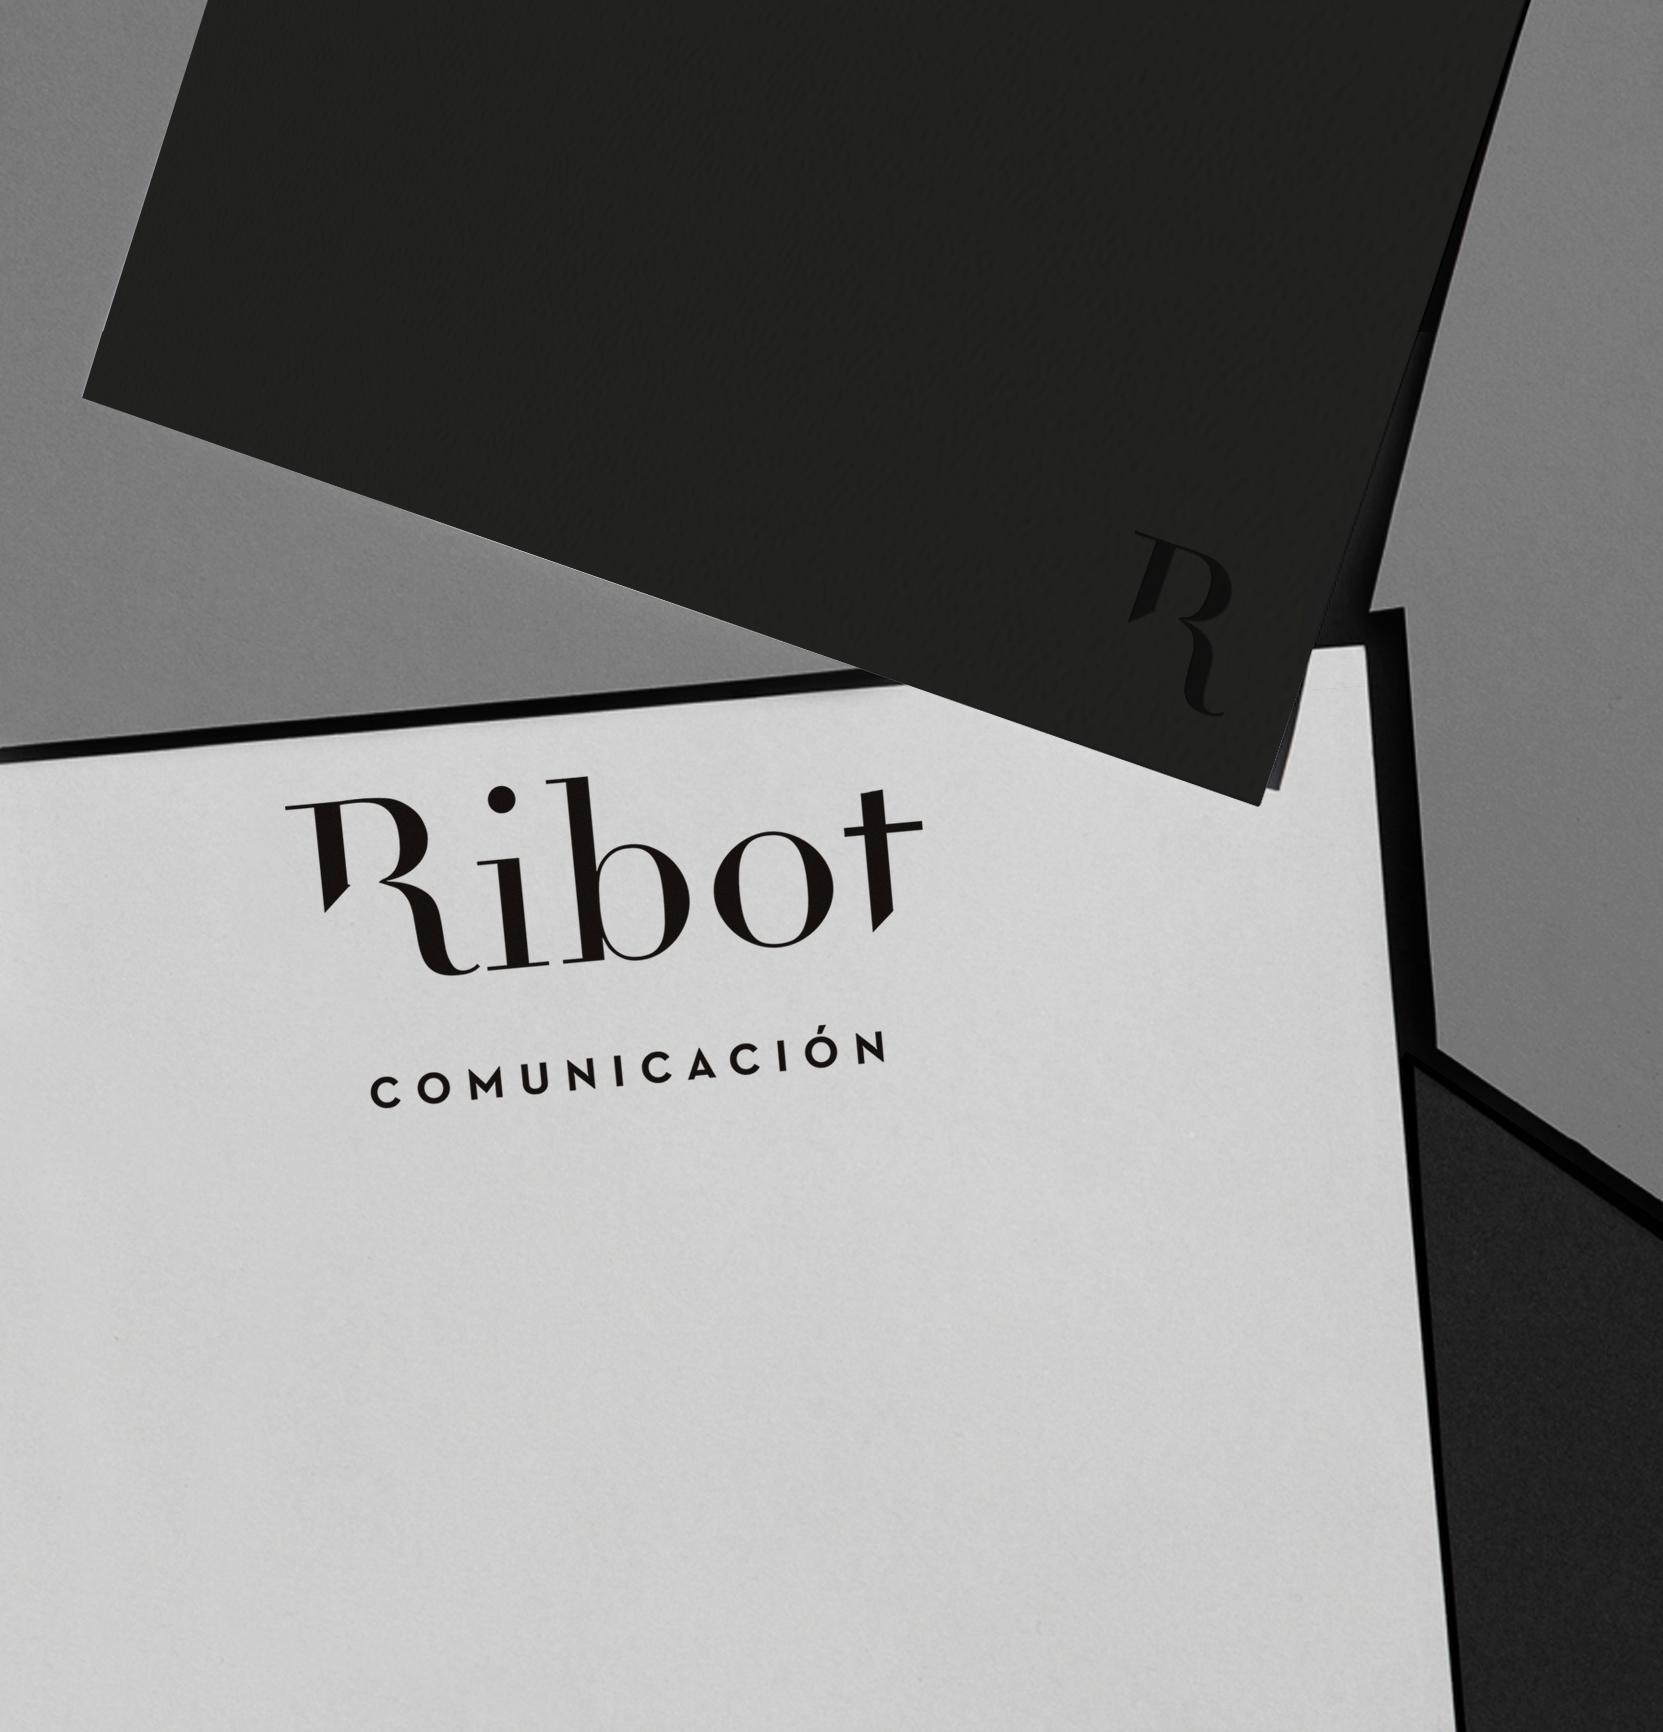 ribot-comunicacion-gerardo-torres.jpg